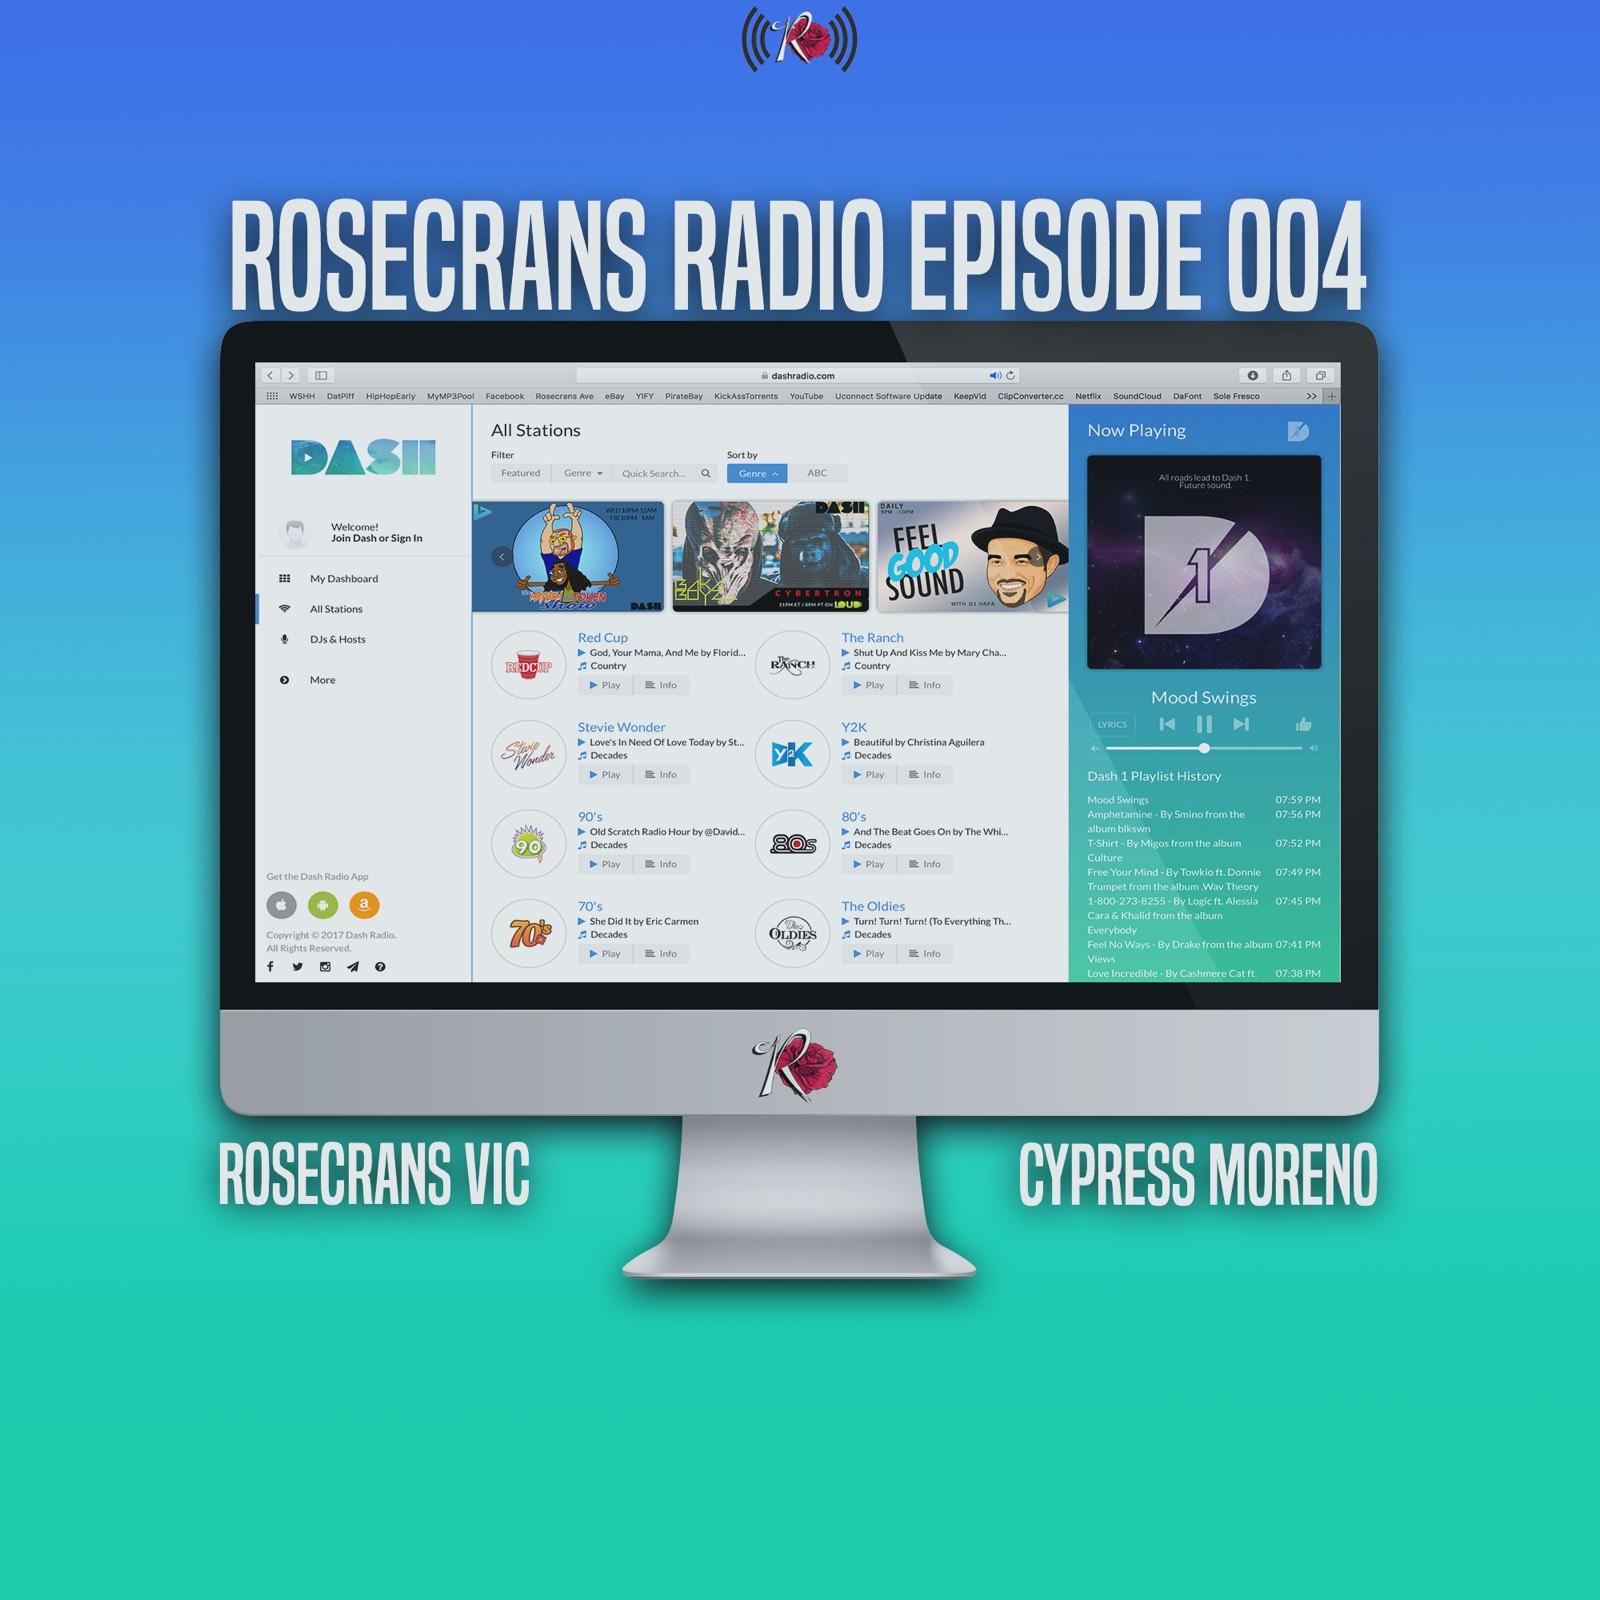 Rosecrans Radio 004 With Cypress Moreno